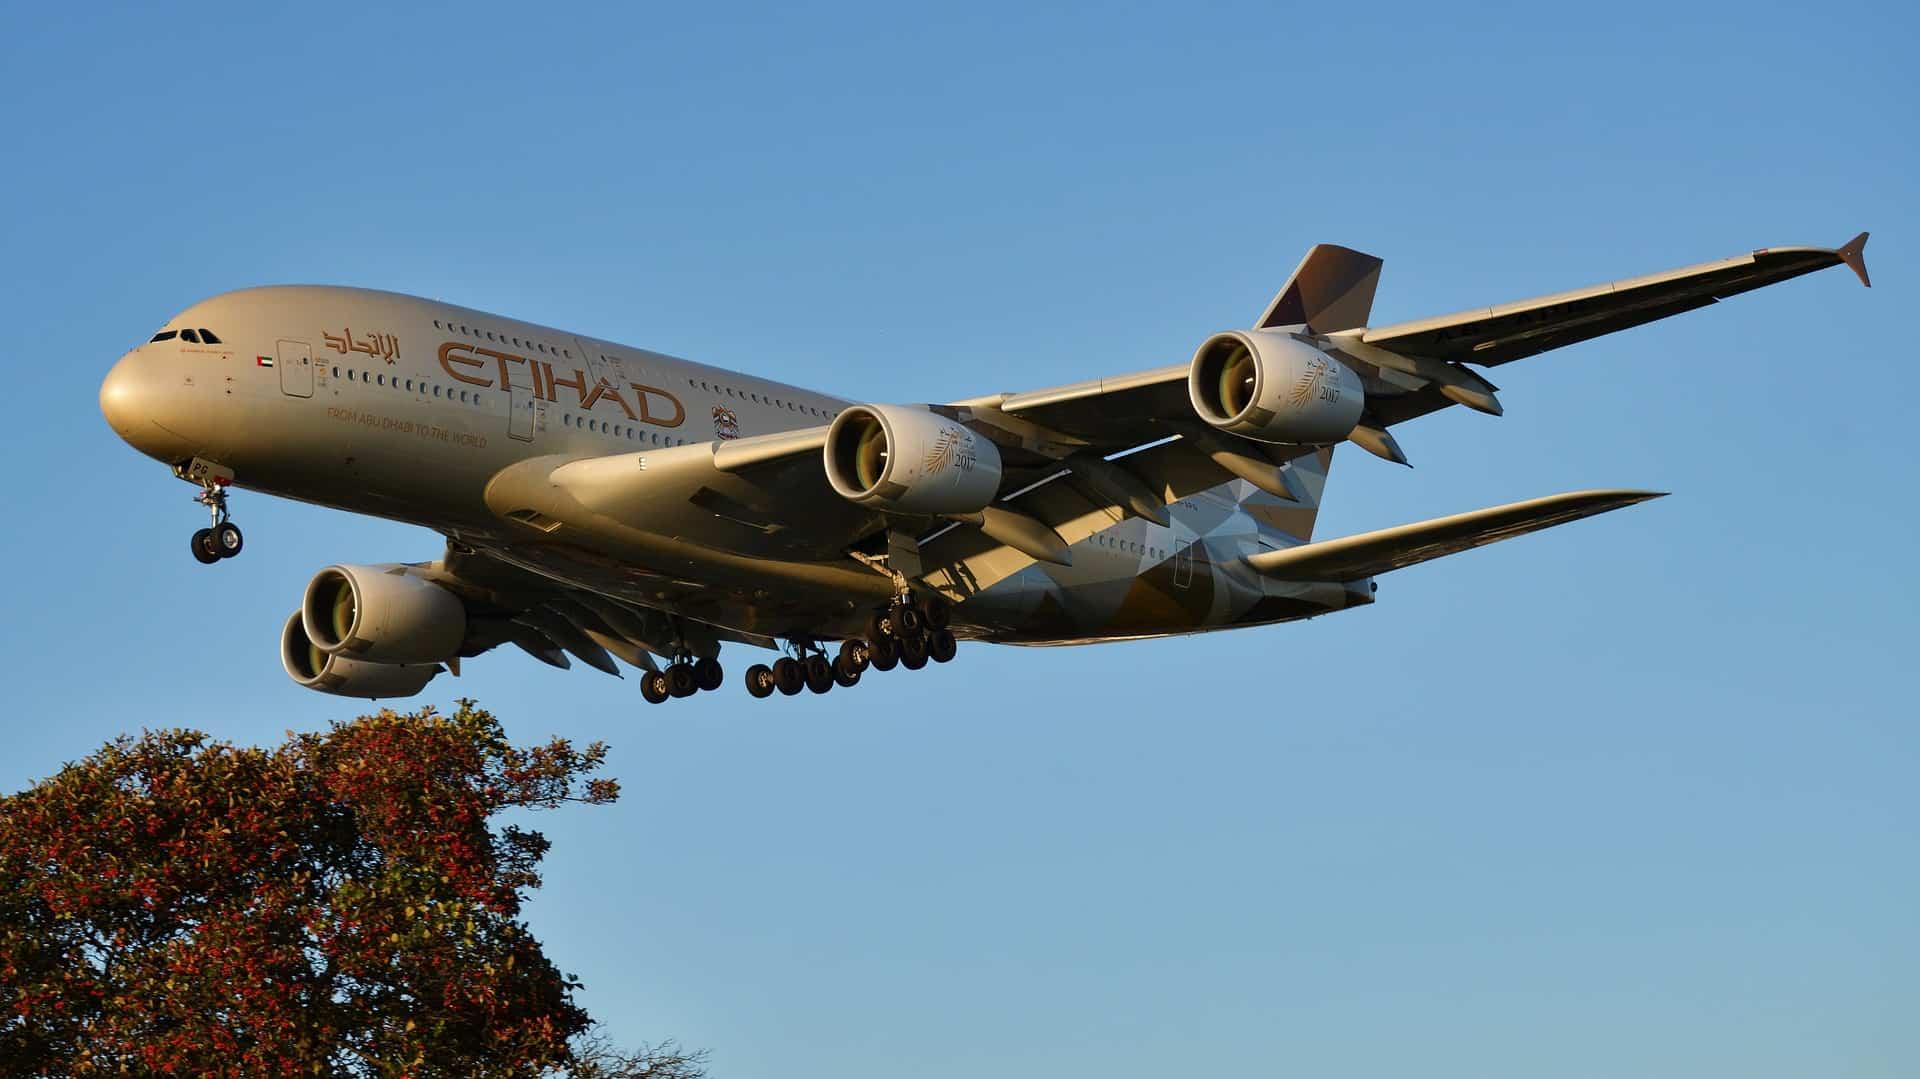 Etihad hilft Jet Airways vor der Insolvenz und pumpt Geld rein